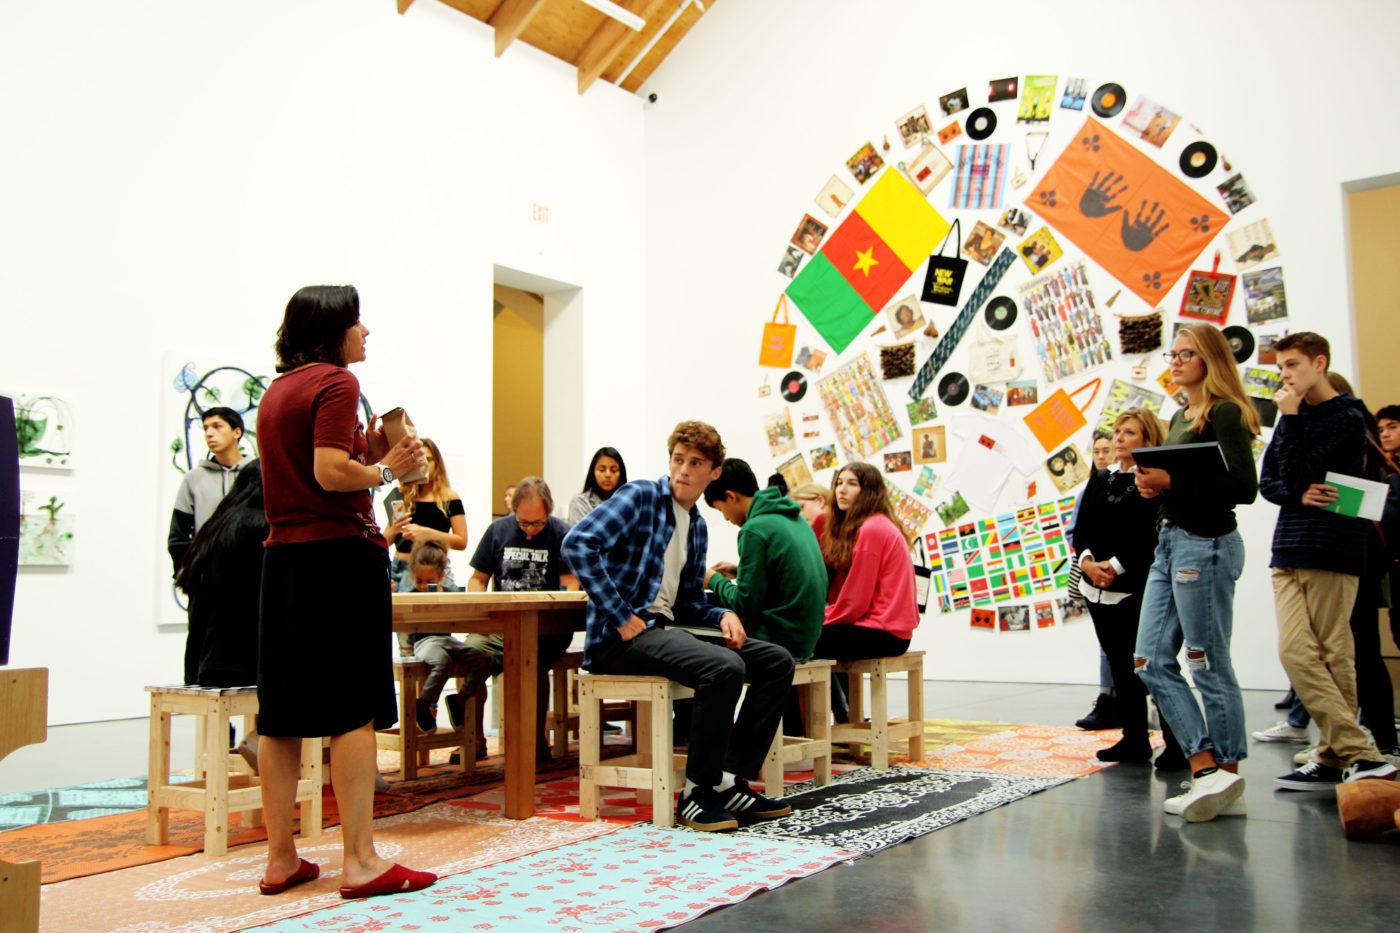 Parrish Art Museum Parrishart Org Parrish Art Museum